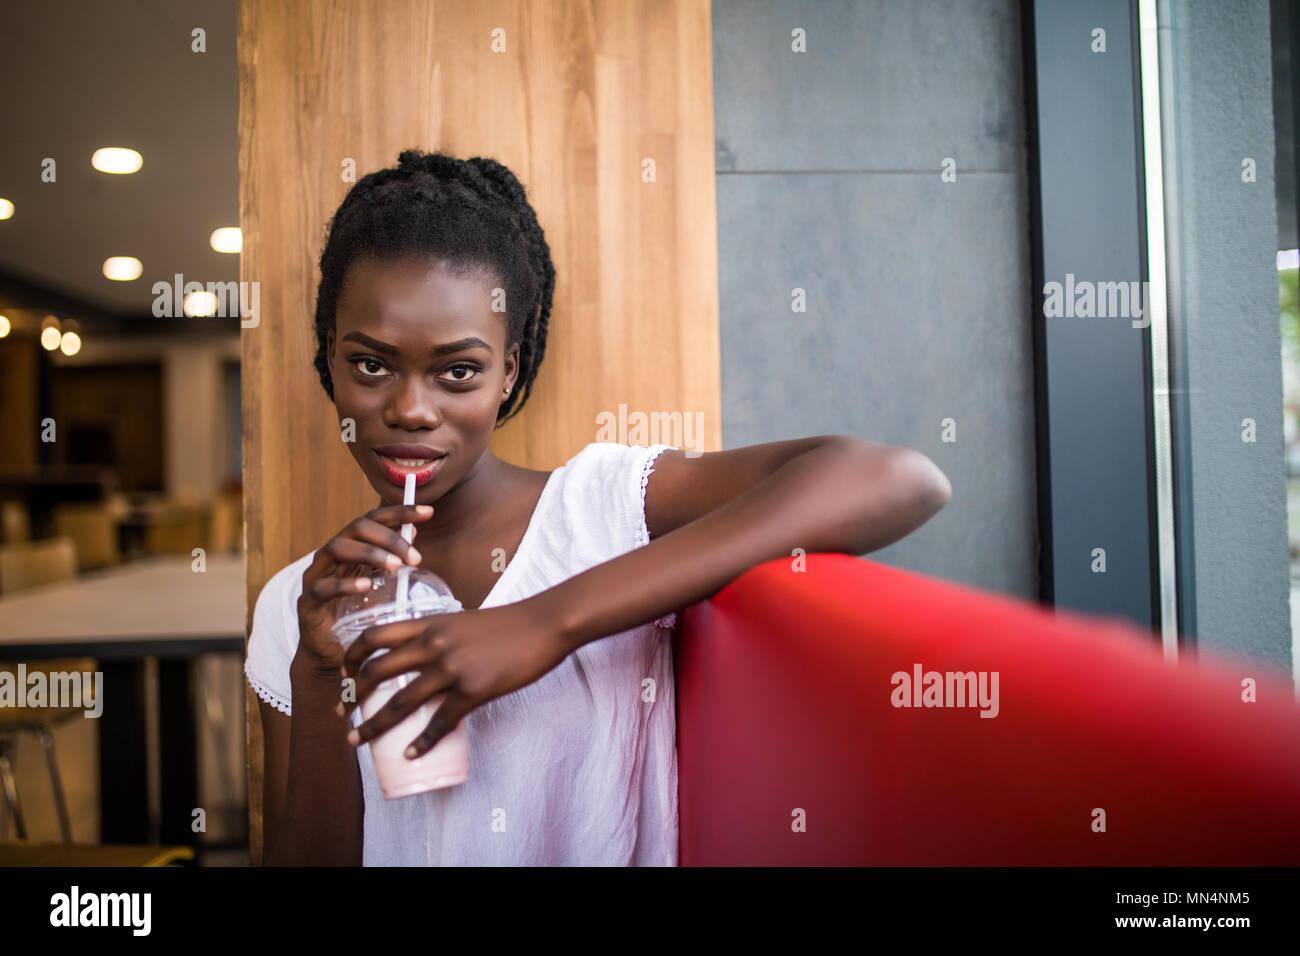 Photo de teint foncé positive des femmes afro-américaines ejoys bon repos à café, boissons alcoolisées. Les gens, les loisirs et l'alimentation concept Photo Stock